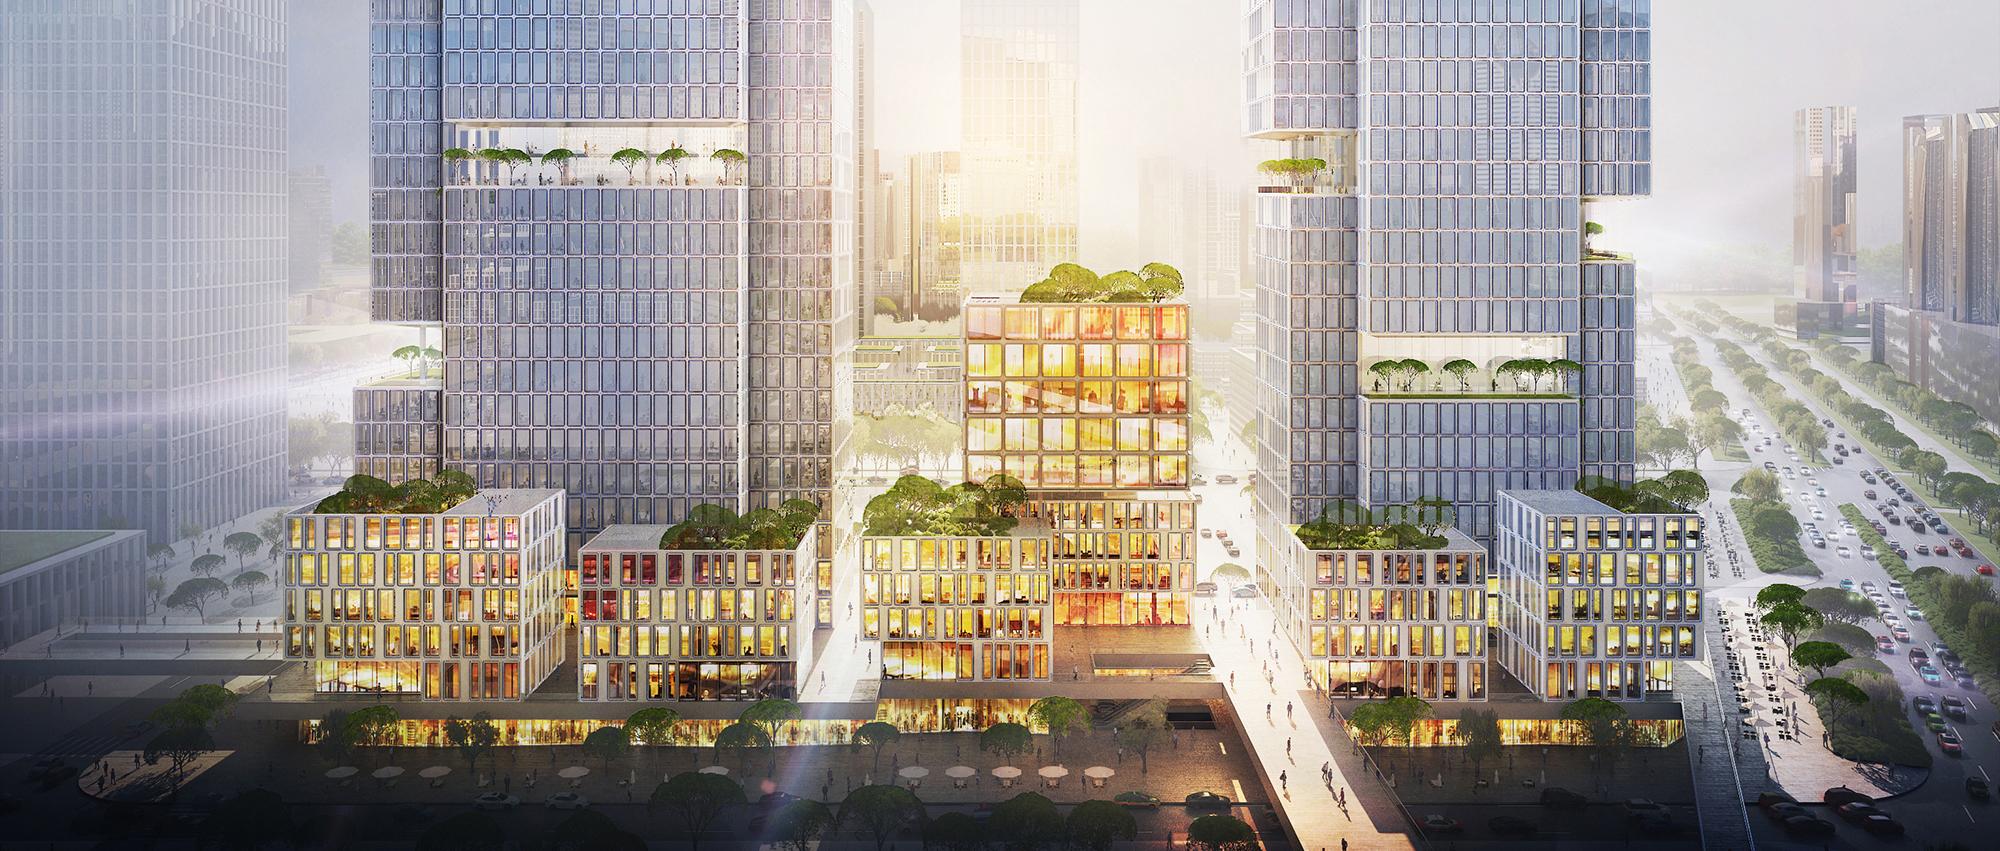 竖向构成:中国天音大厦竞赛